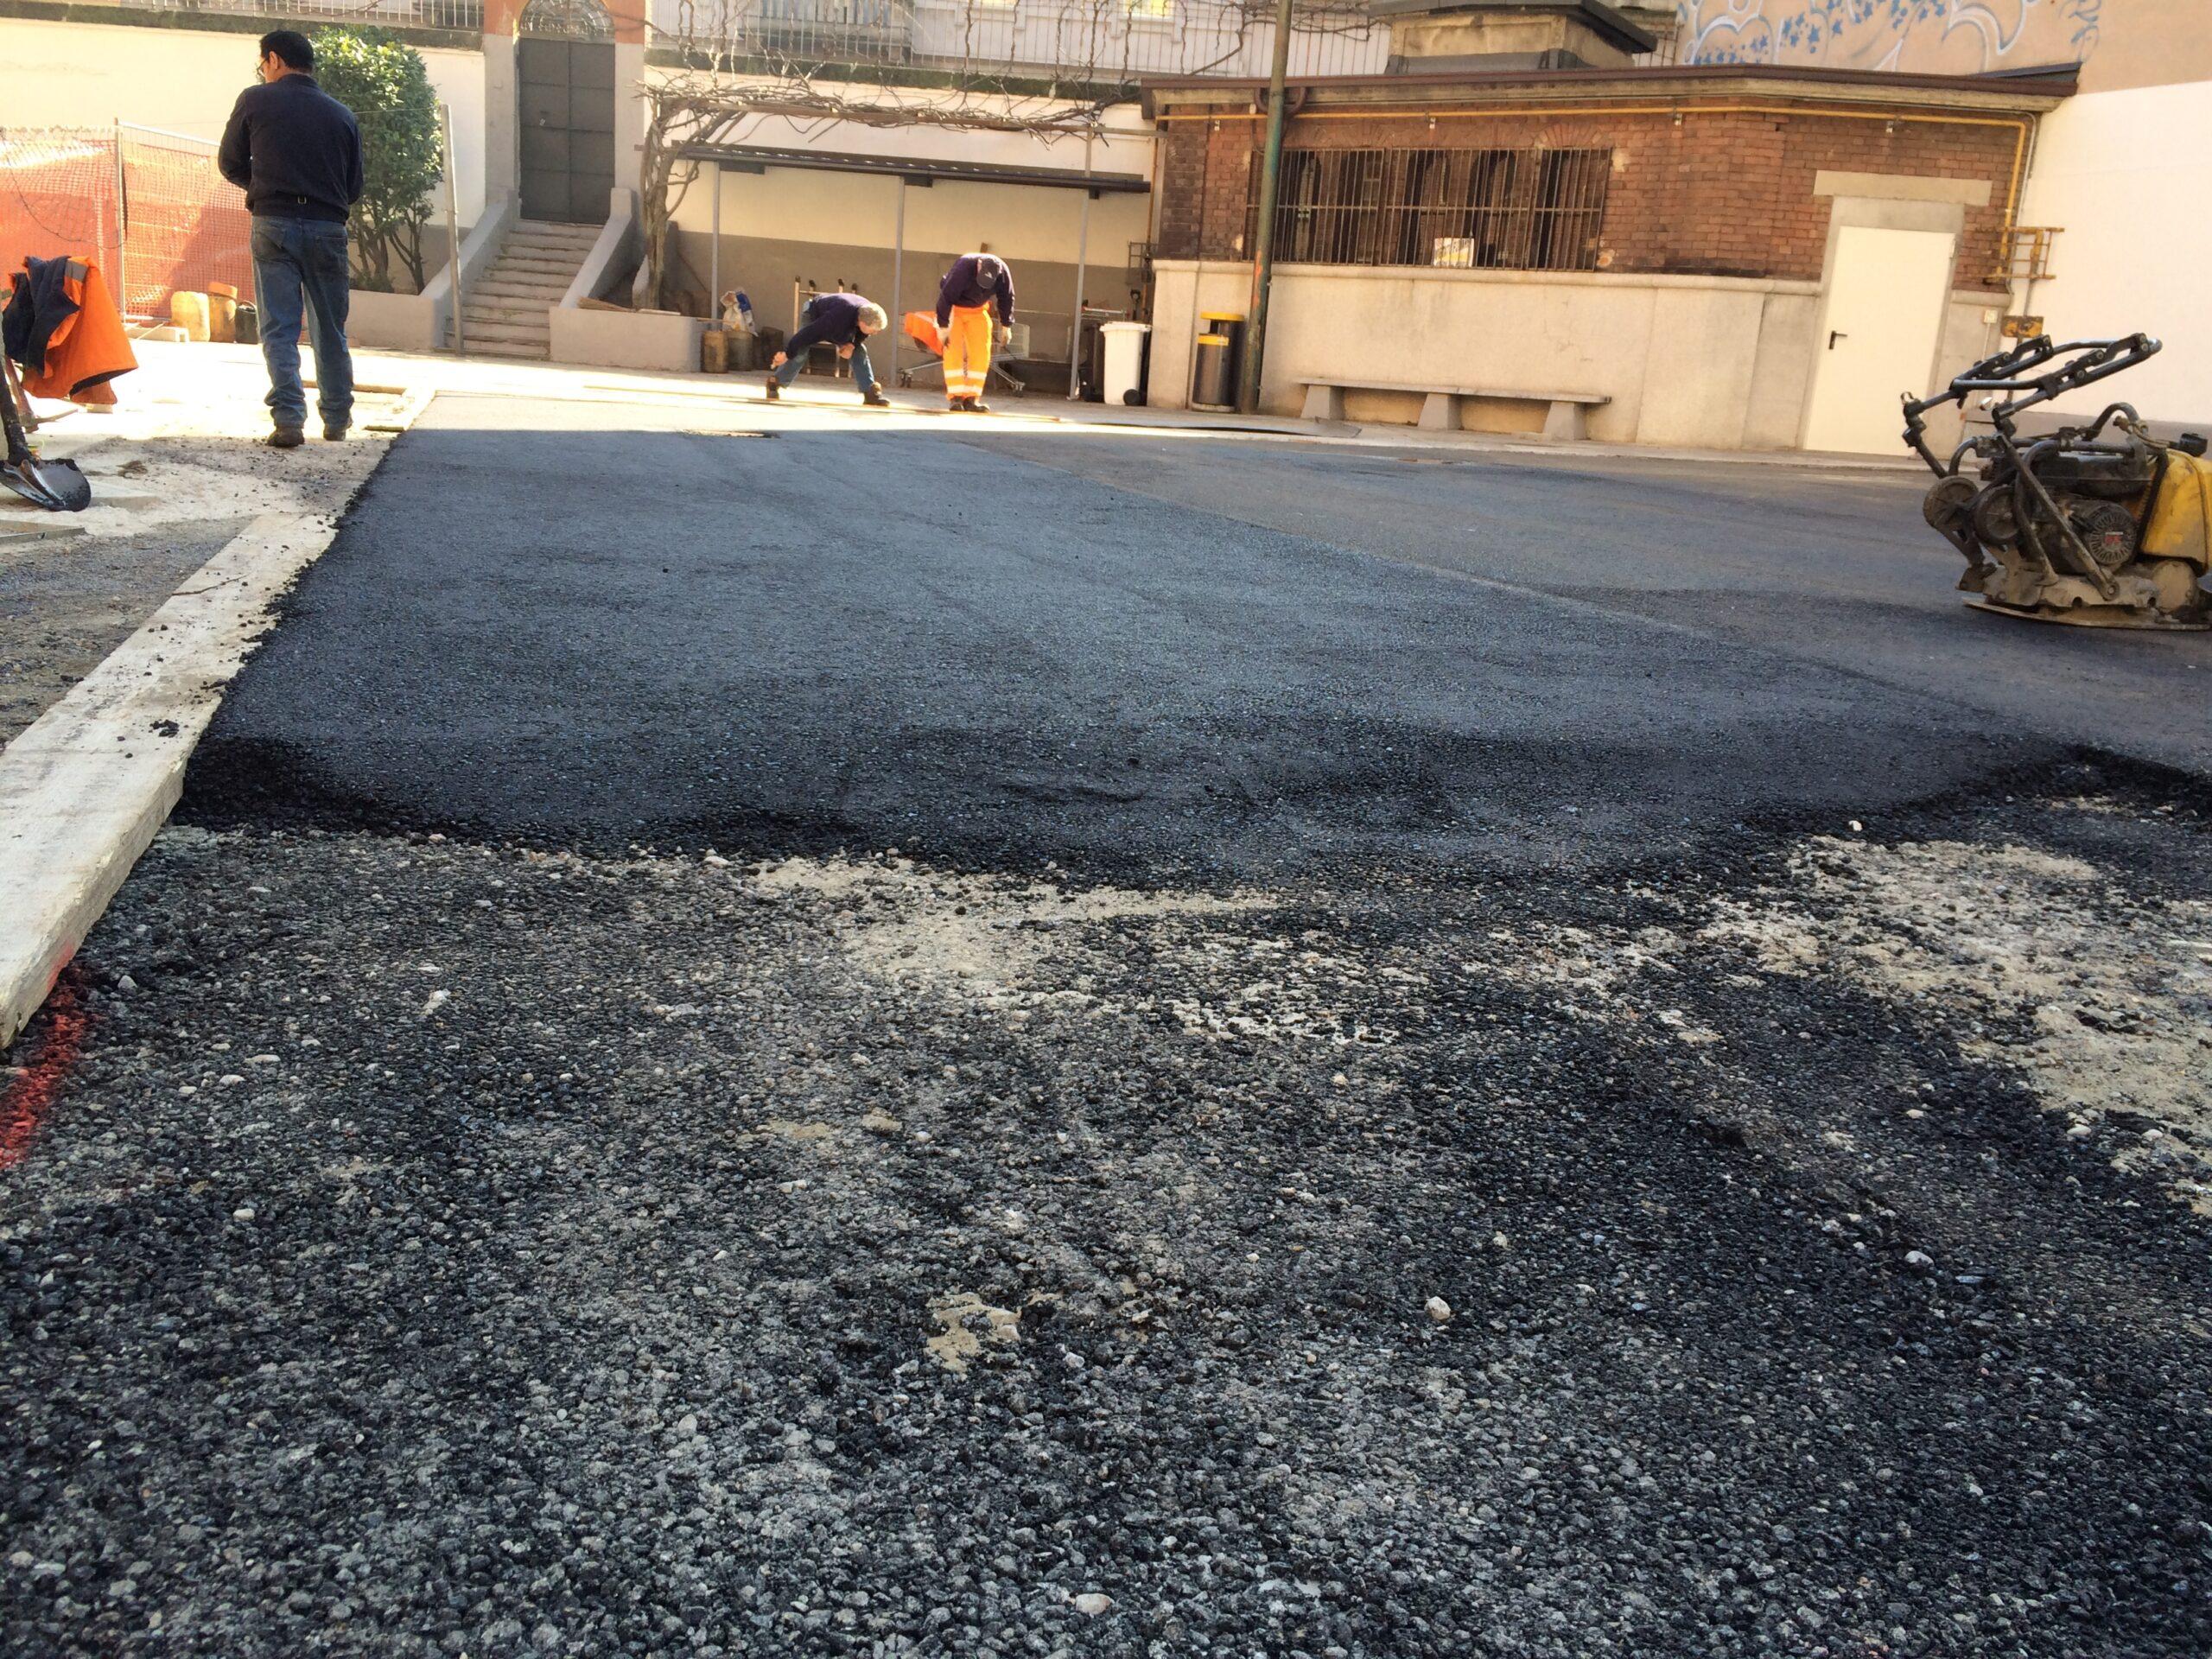 6. Livellamento asfalto con strumentazione elettronica: lavori in corso.